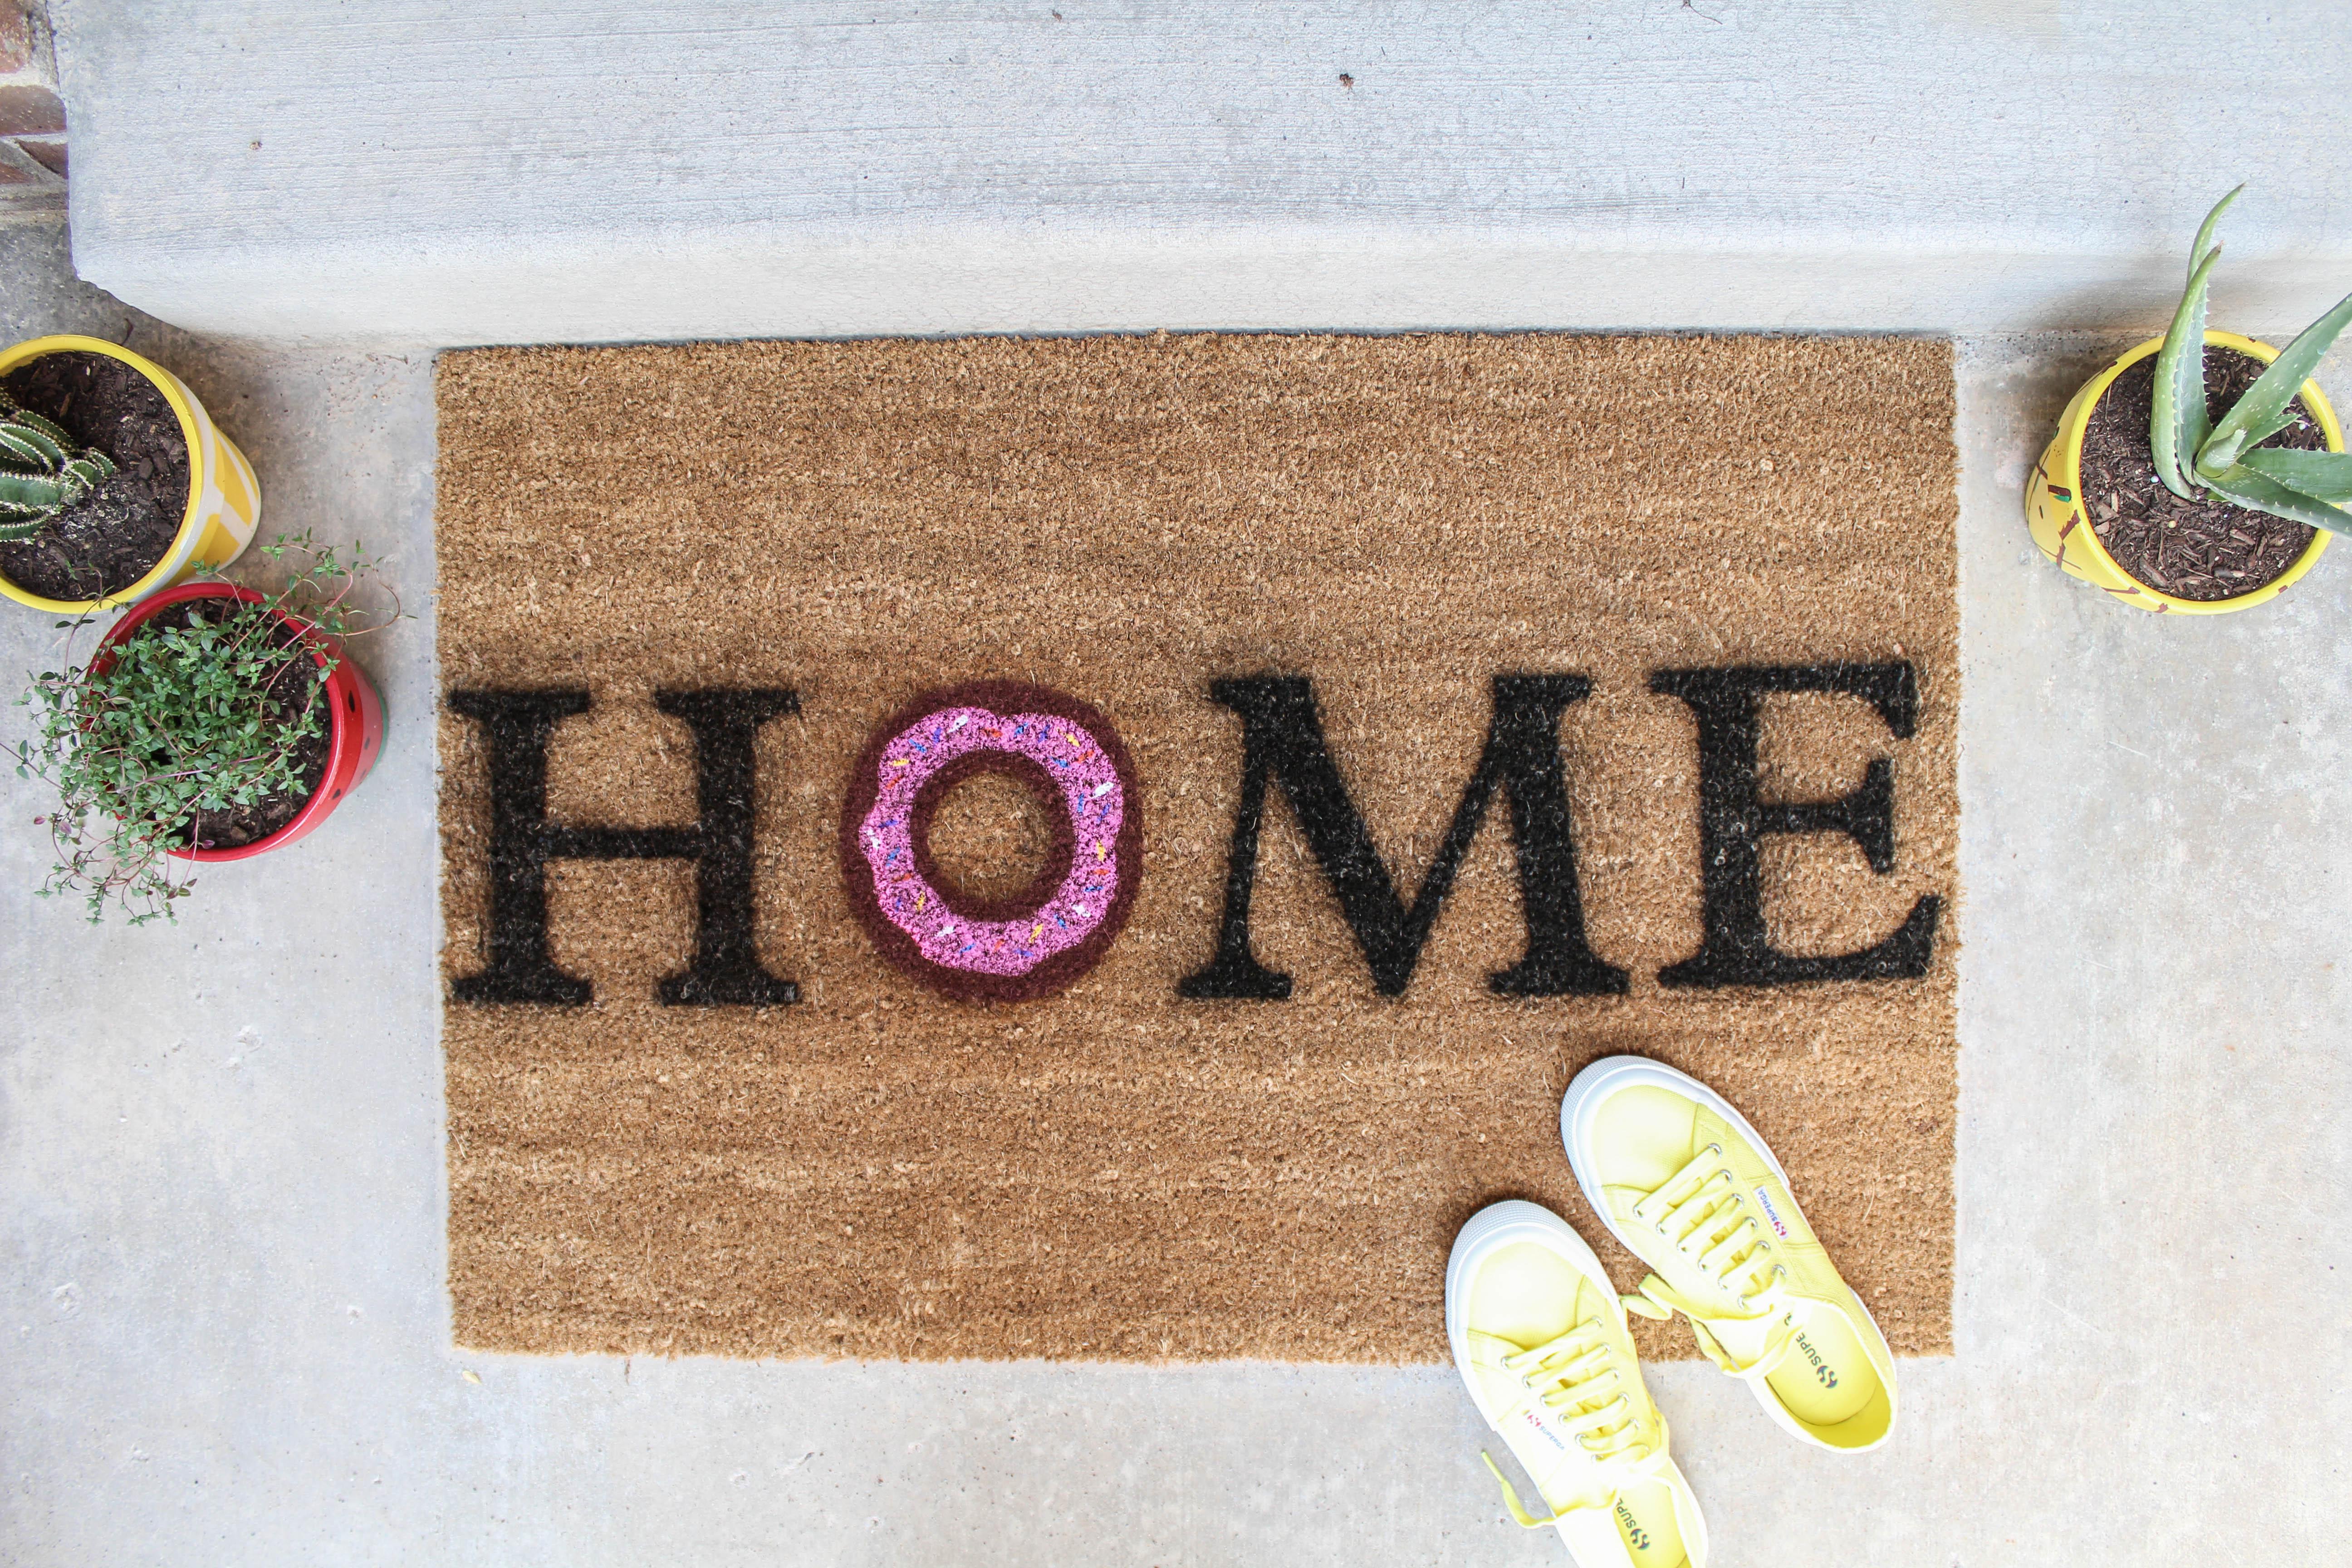 product mat good doormat mats welcome language doormats sign sweet door asl cute eco american friendly damn